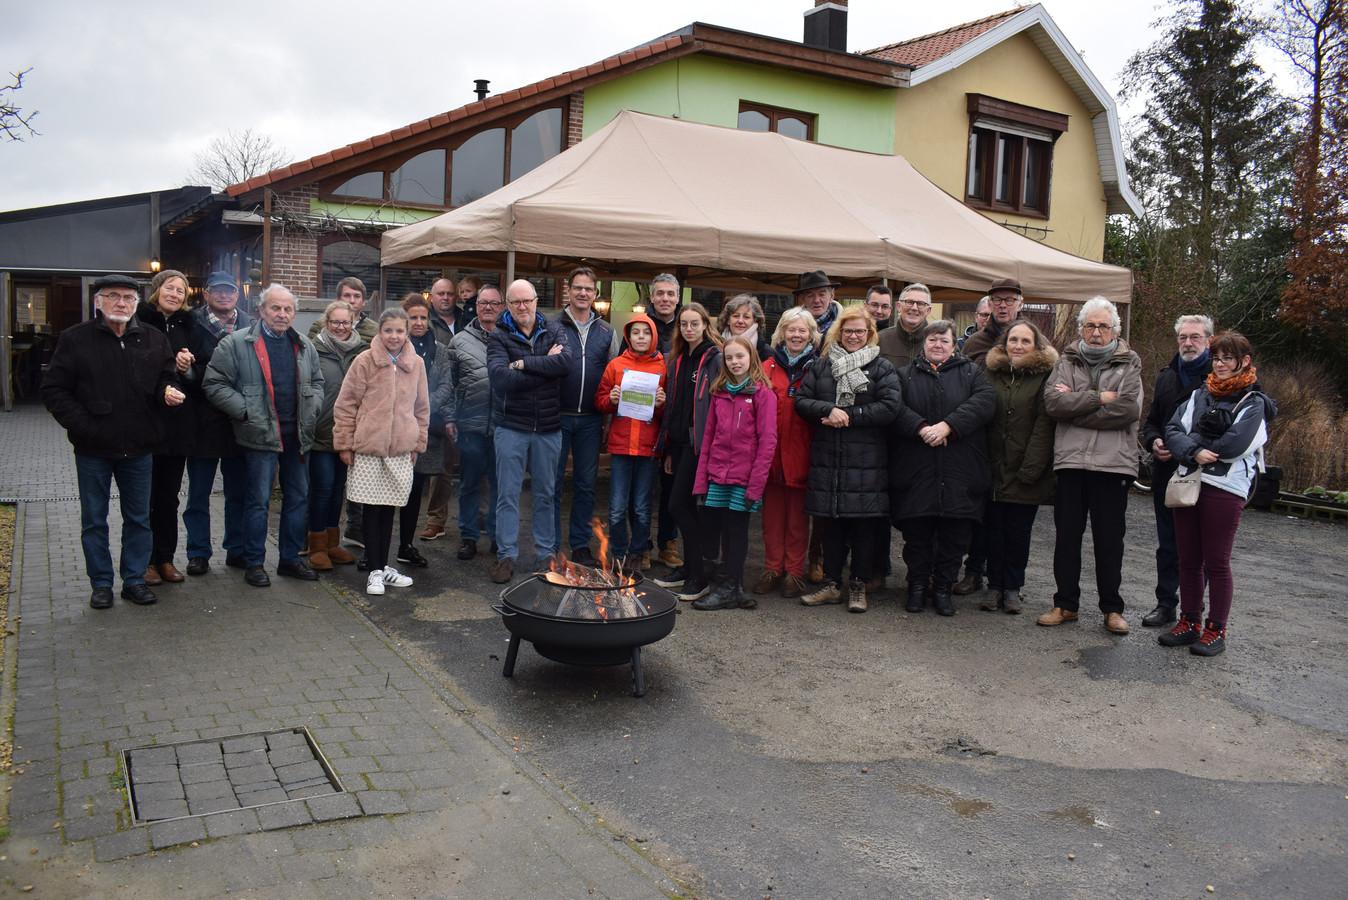 Ondanks het kille weer, konden de bewoners zich verwarmen aan een open vuur